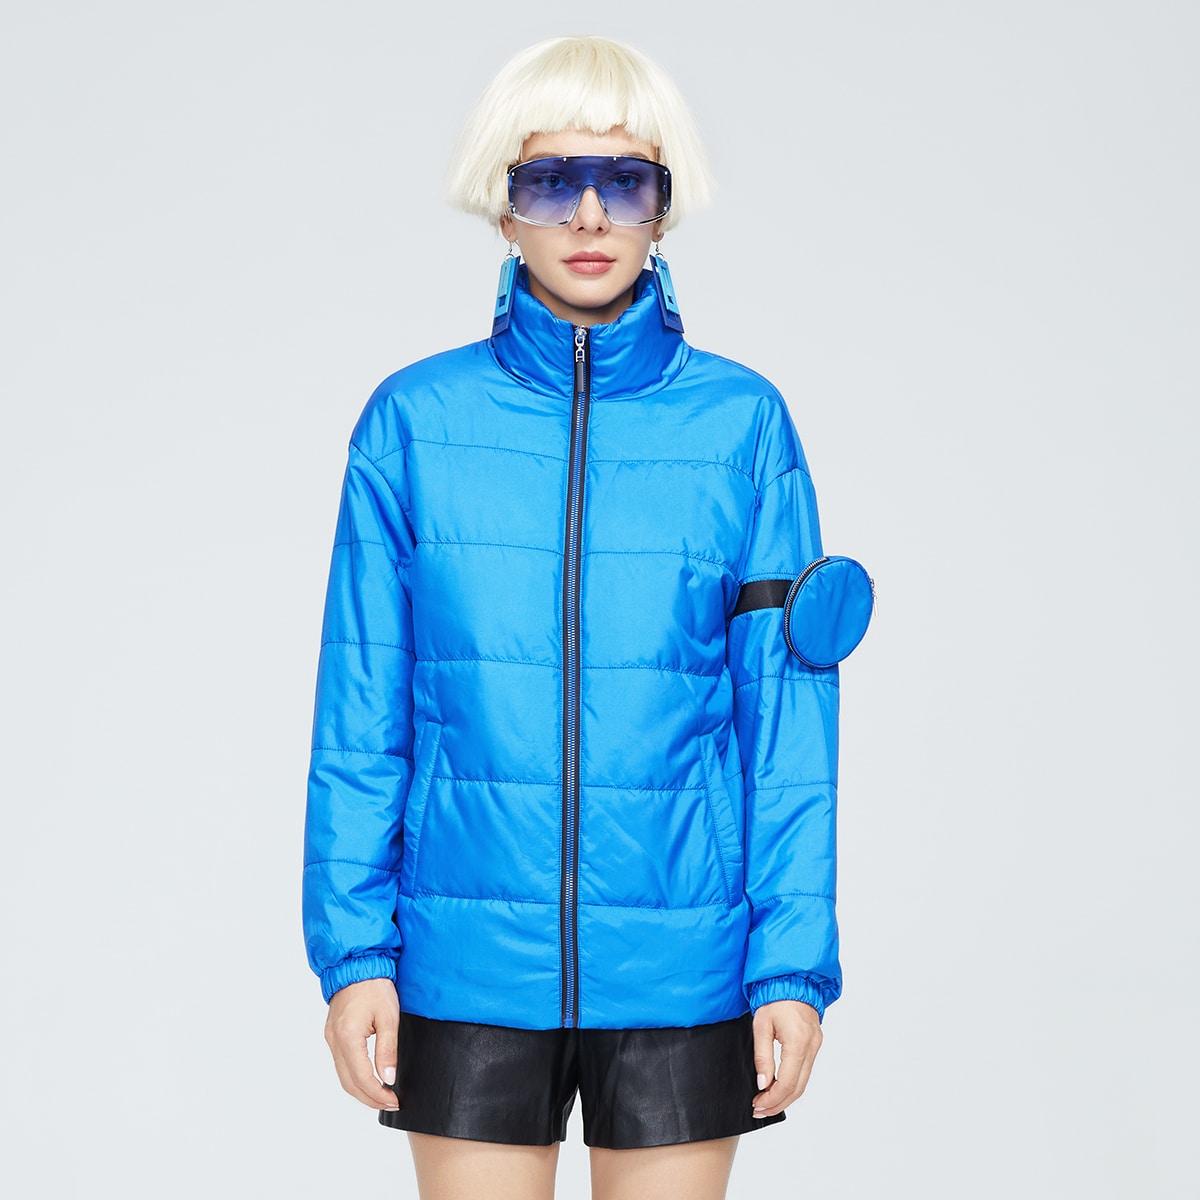 Neon Blue Drop Shoulder Zipper Puffer Jacket